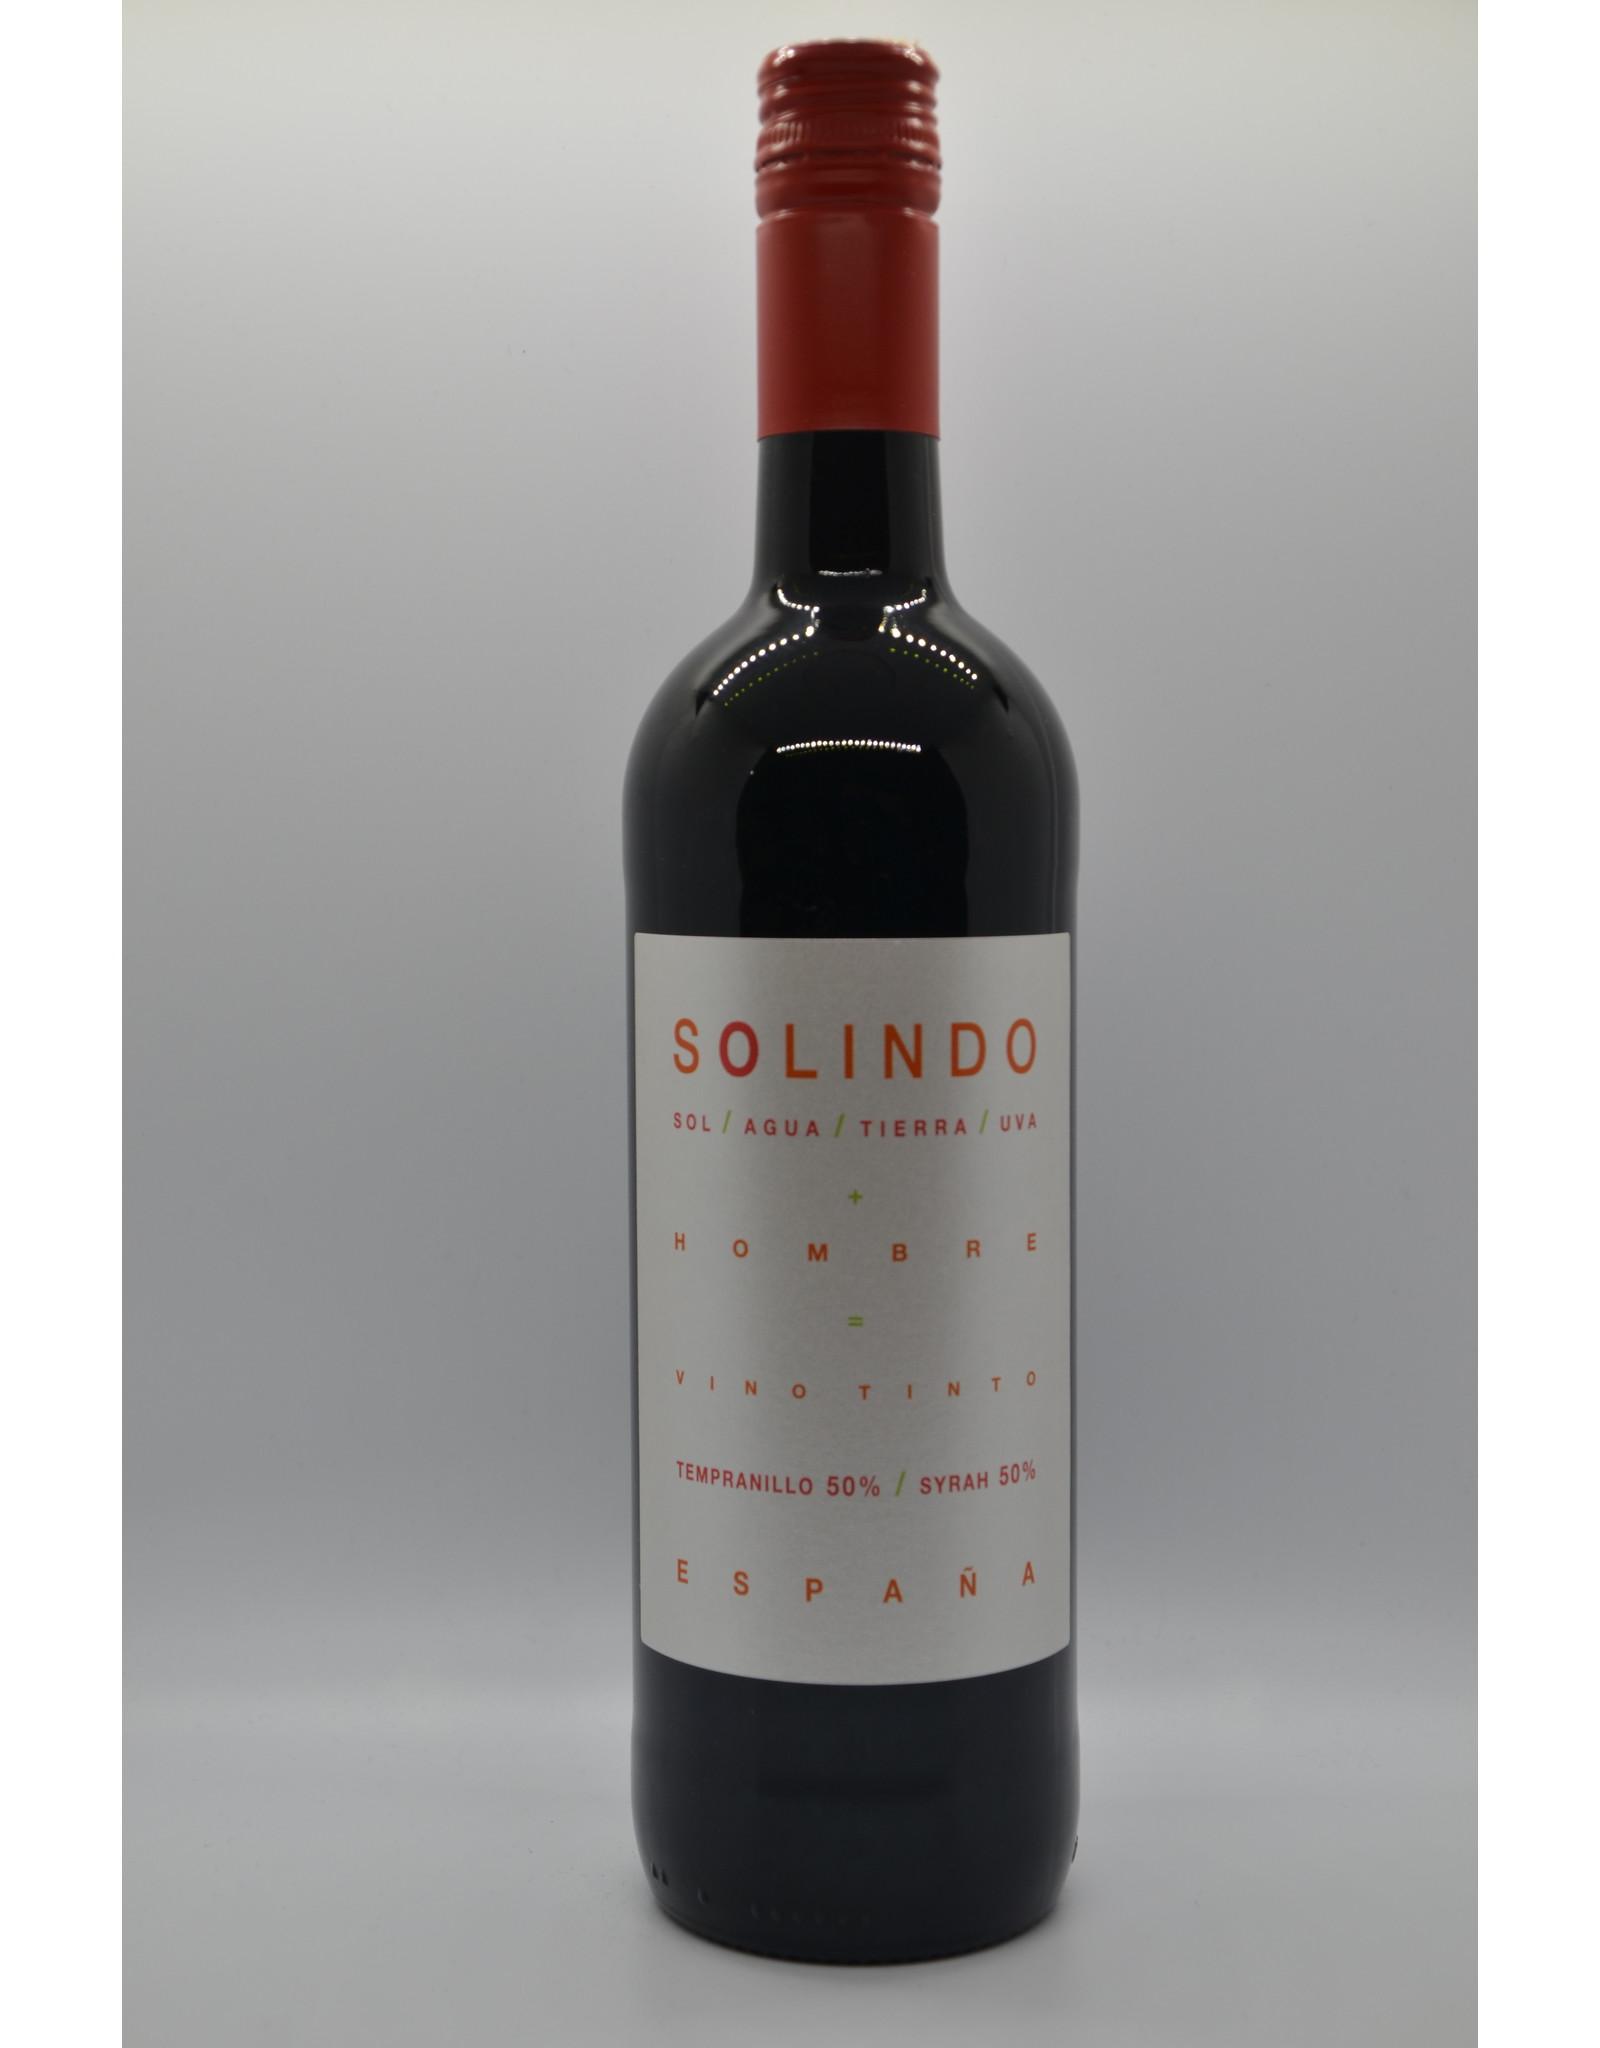 Spain Solindo Tinto La Mancha